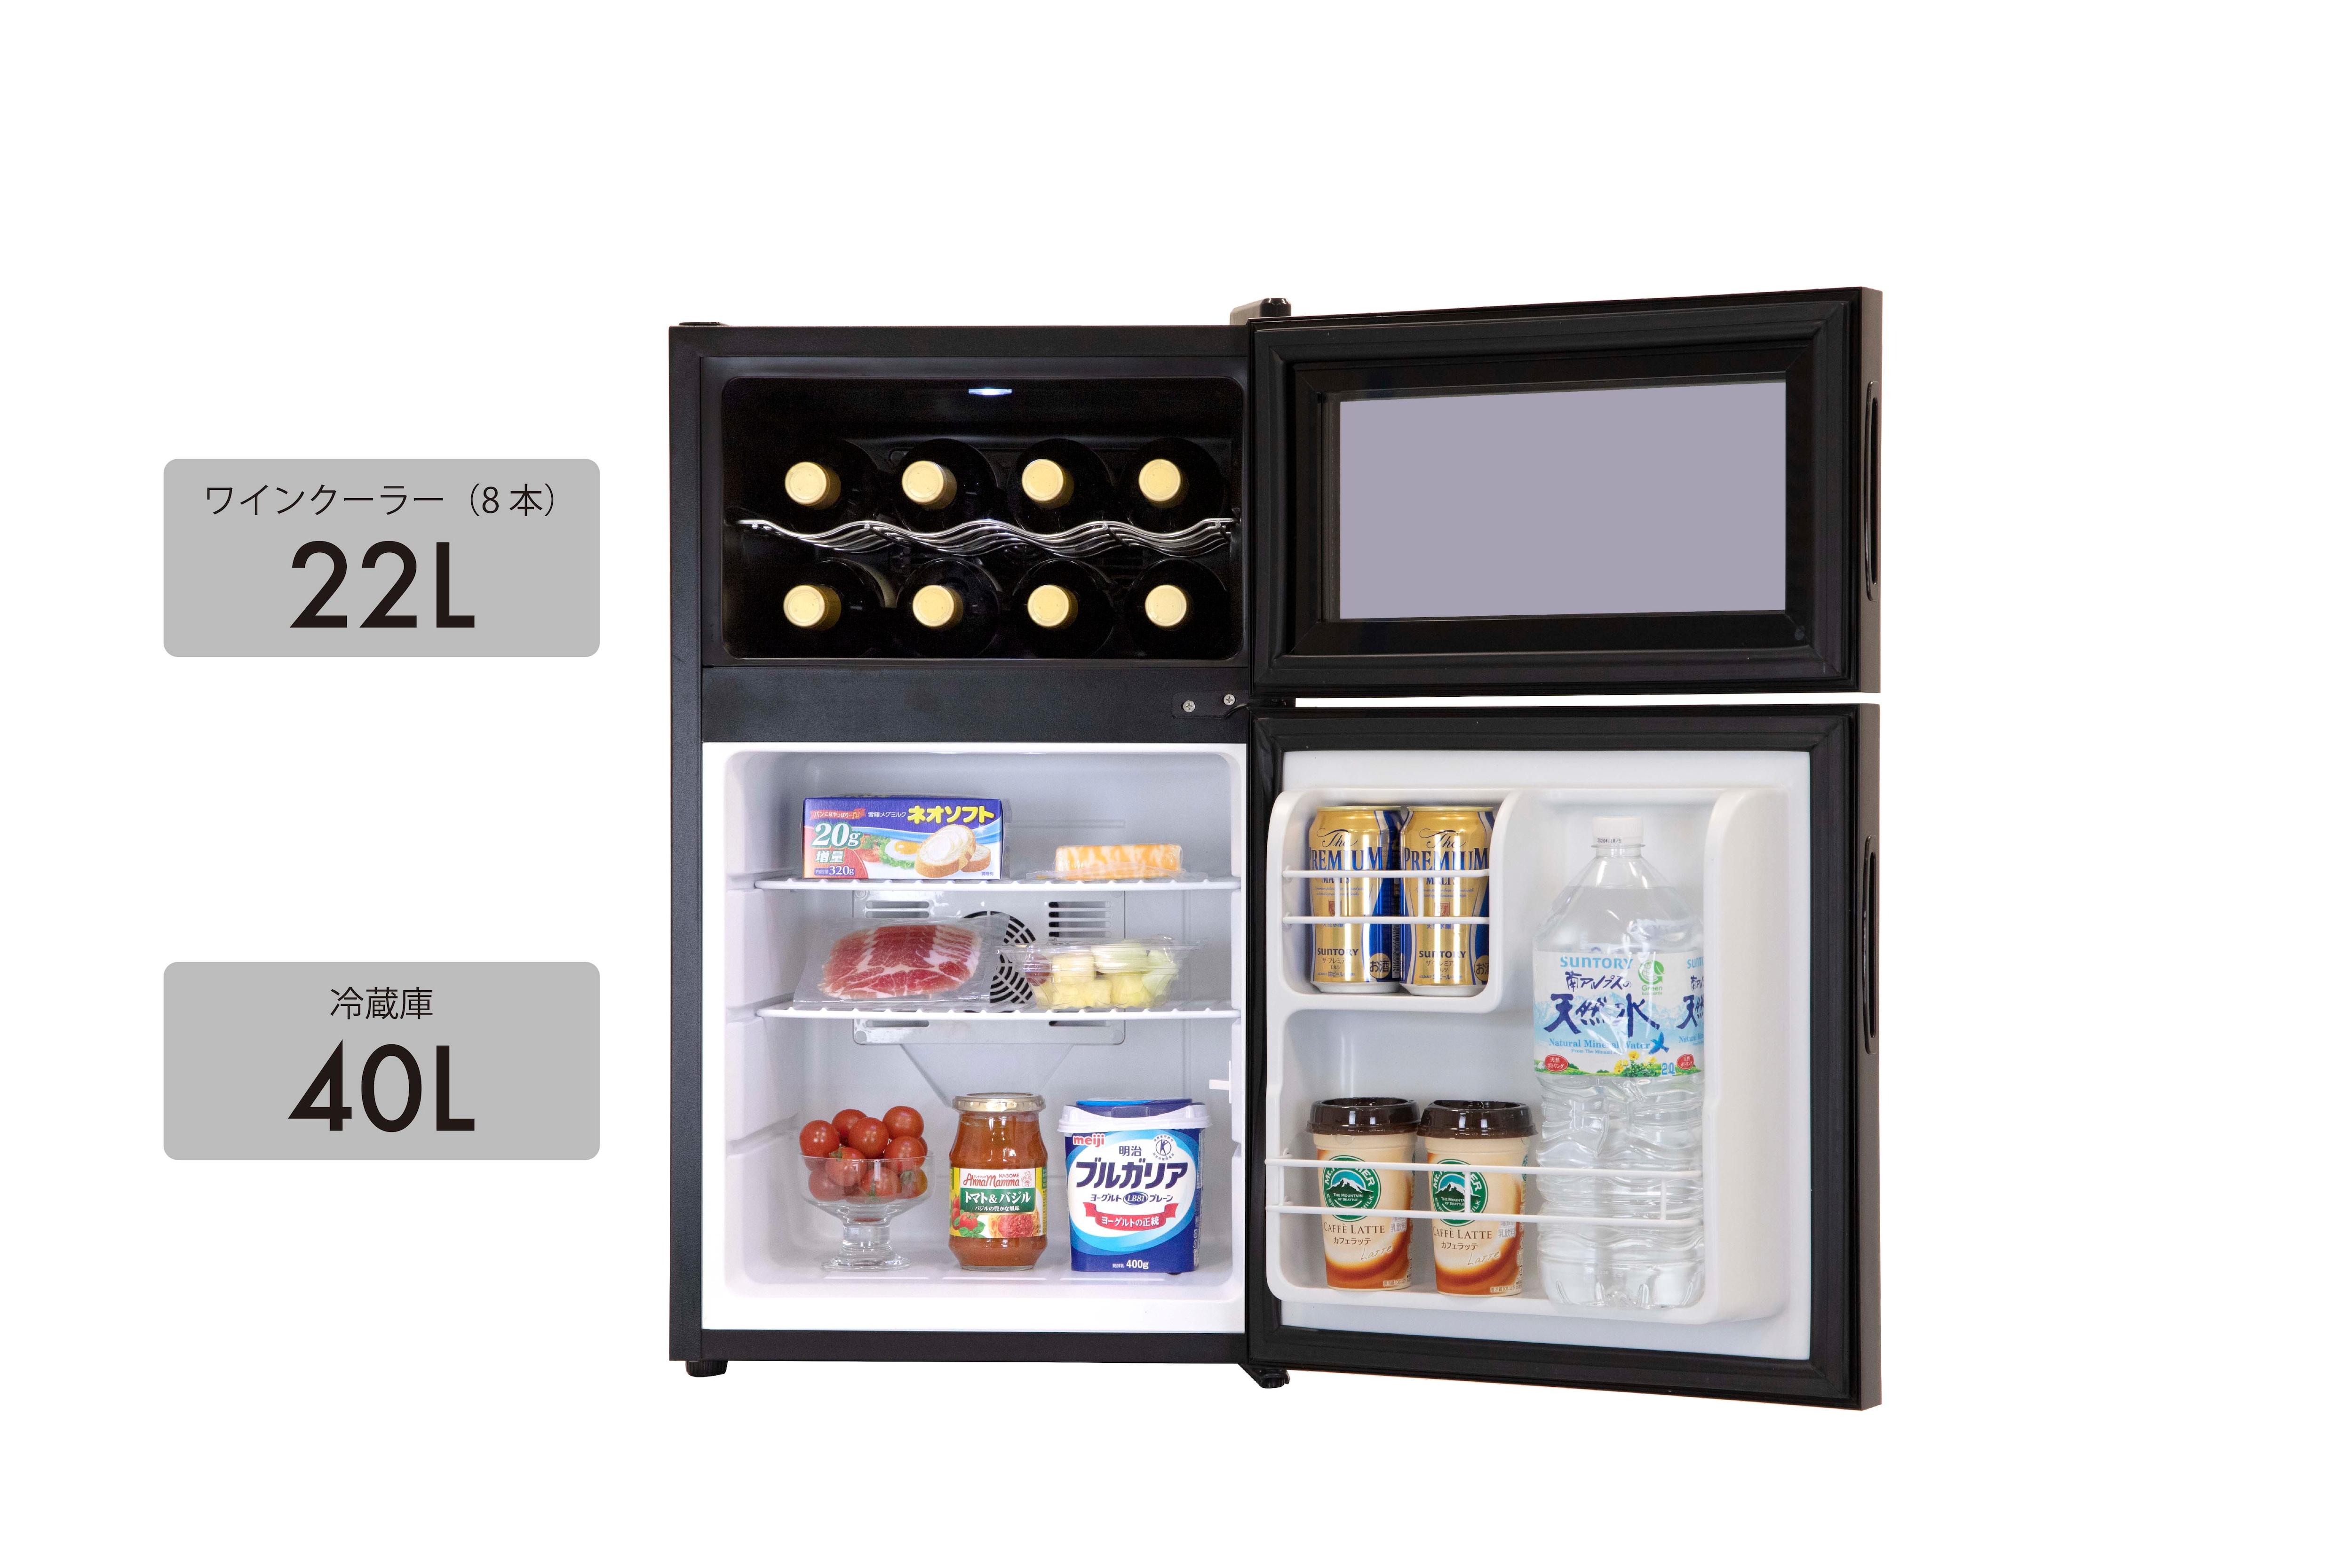 ワインも収納可能な冷蔵庫